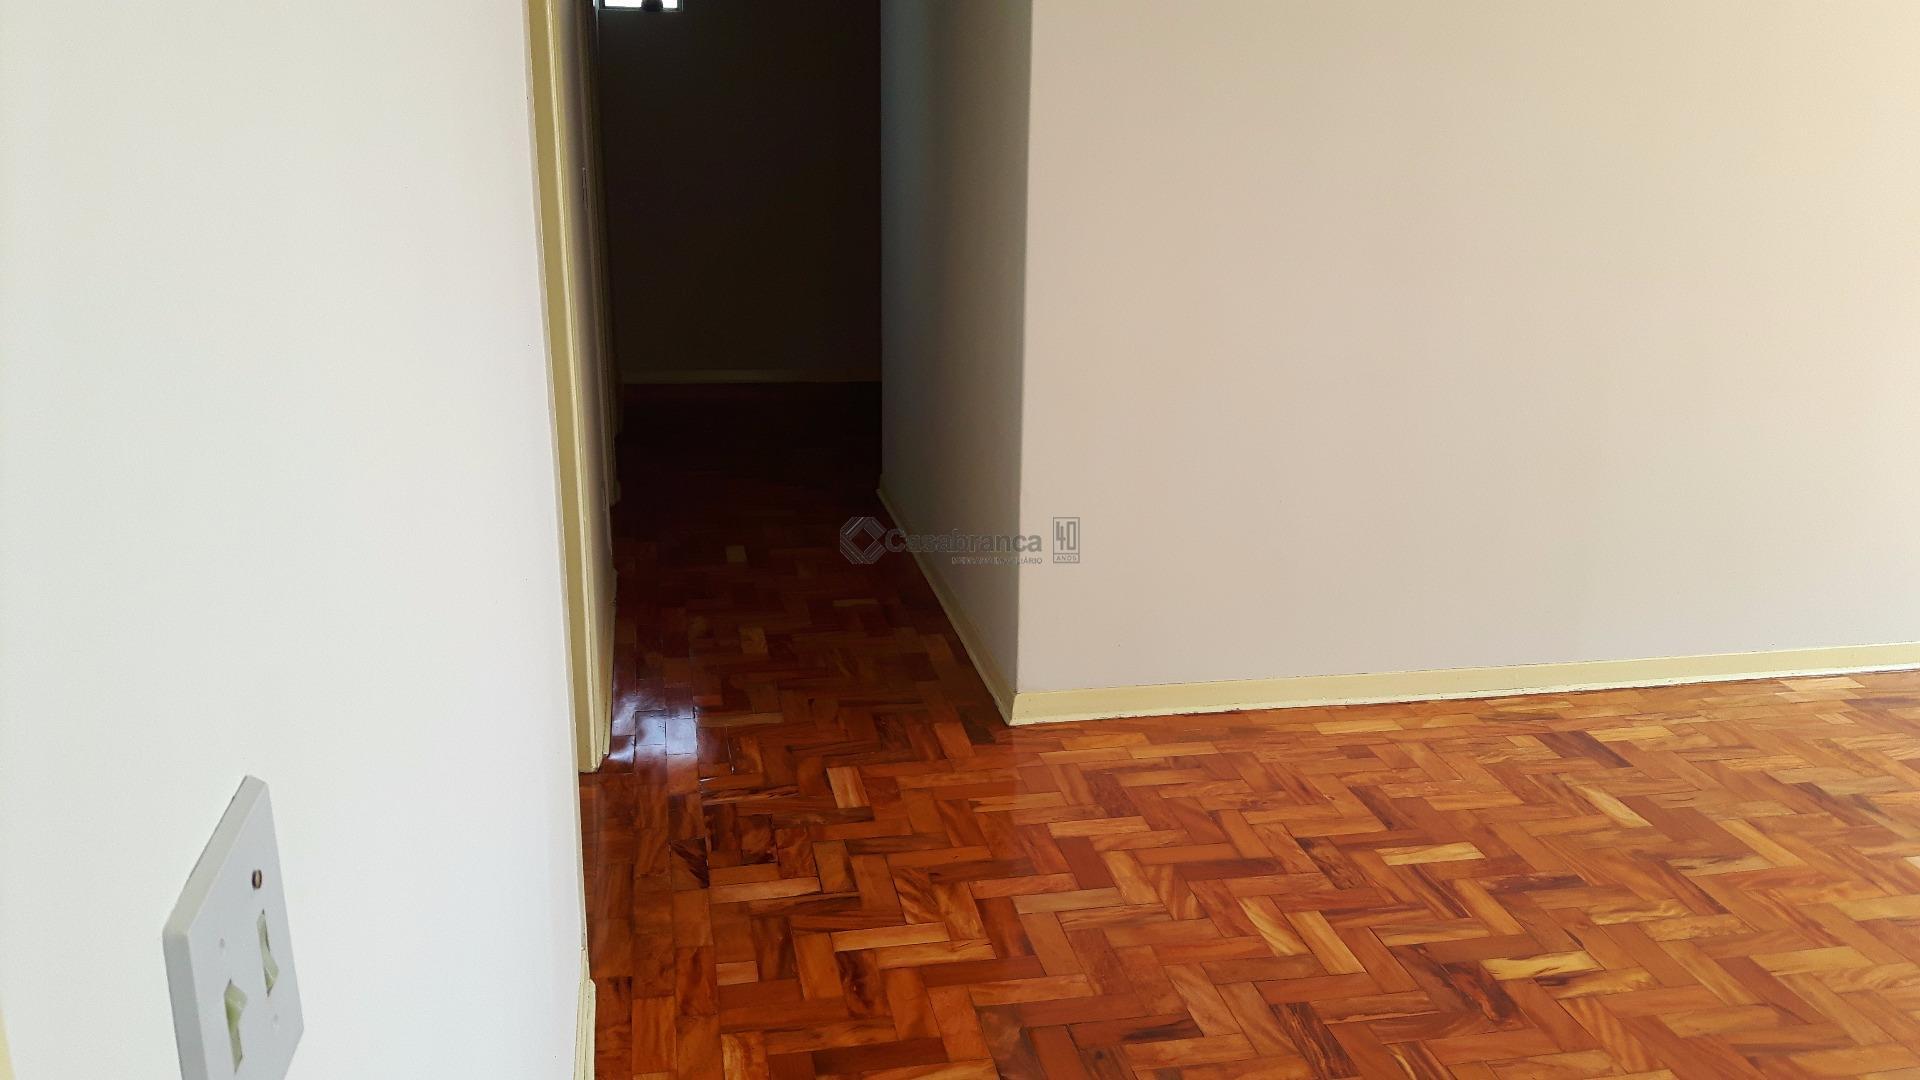 **valores para locação****garagem c/ manobrista r$ 150,00****condomínio r$ 660,00** _______________** = total r$ 810,00****aluguel - negociável...